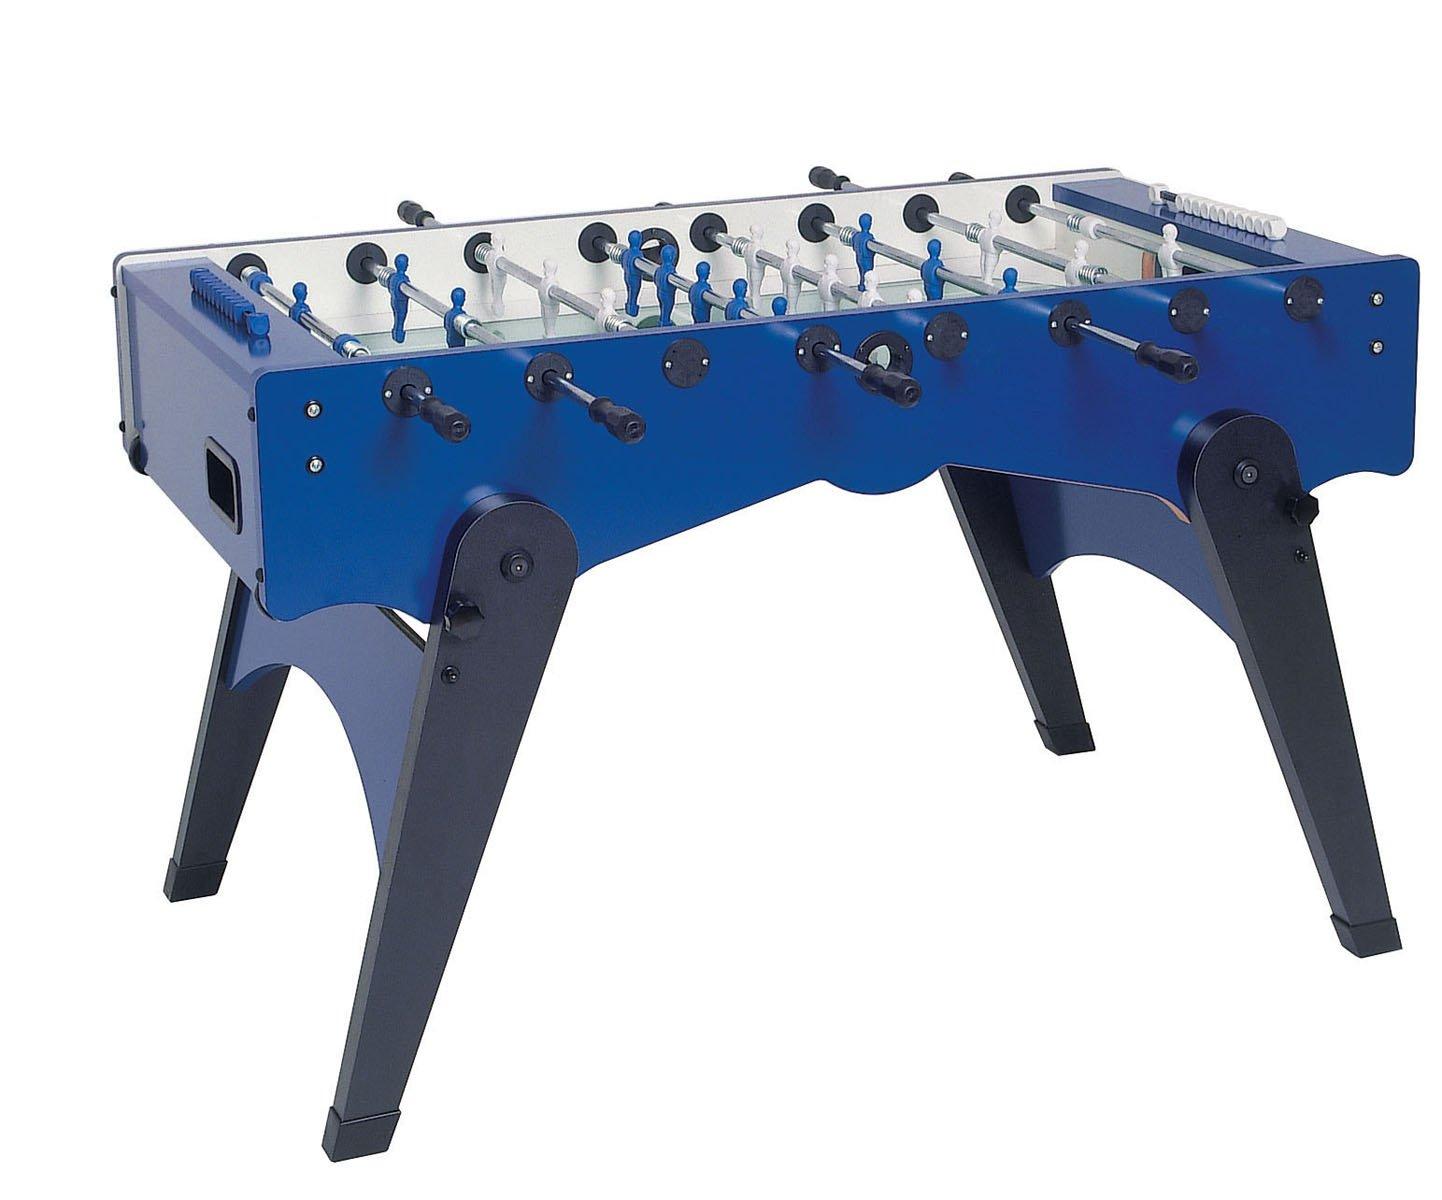 Kickertisch Garlando FOLDY Fussballtisch blau mit sandgestrahlter Glasspielfläche,Tisch-Kicker online bestellen